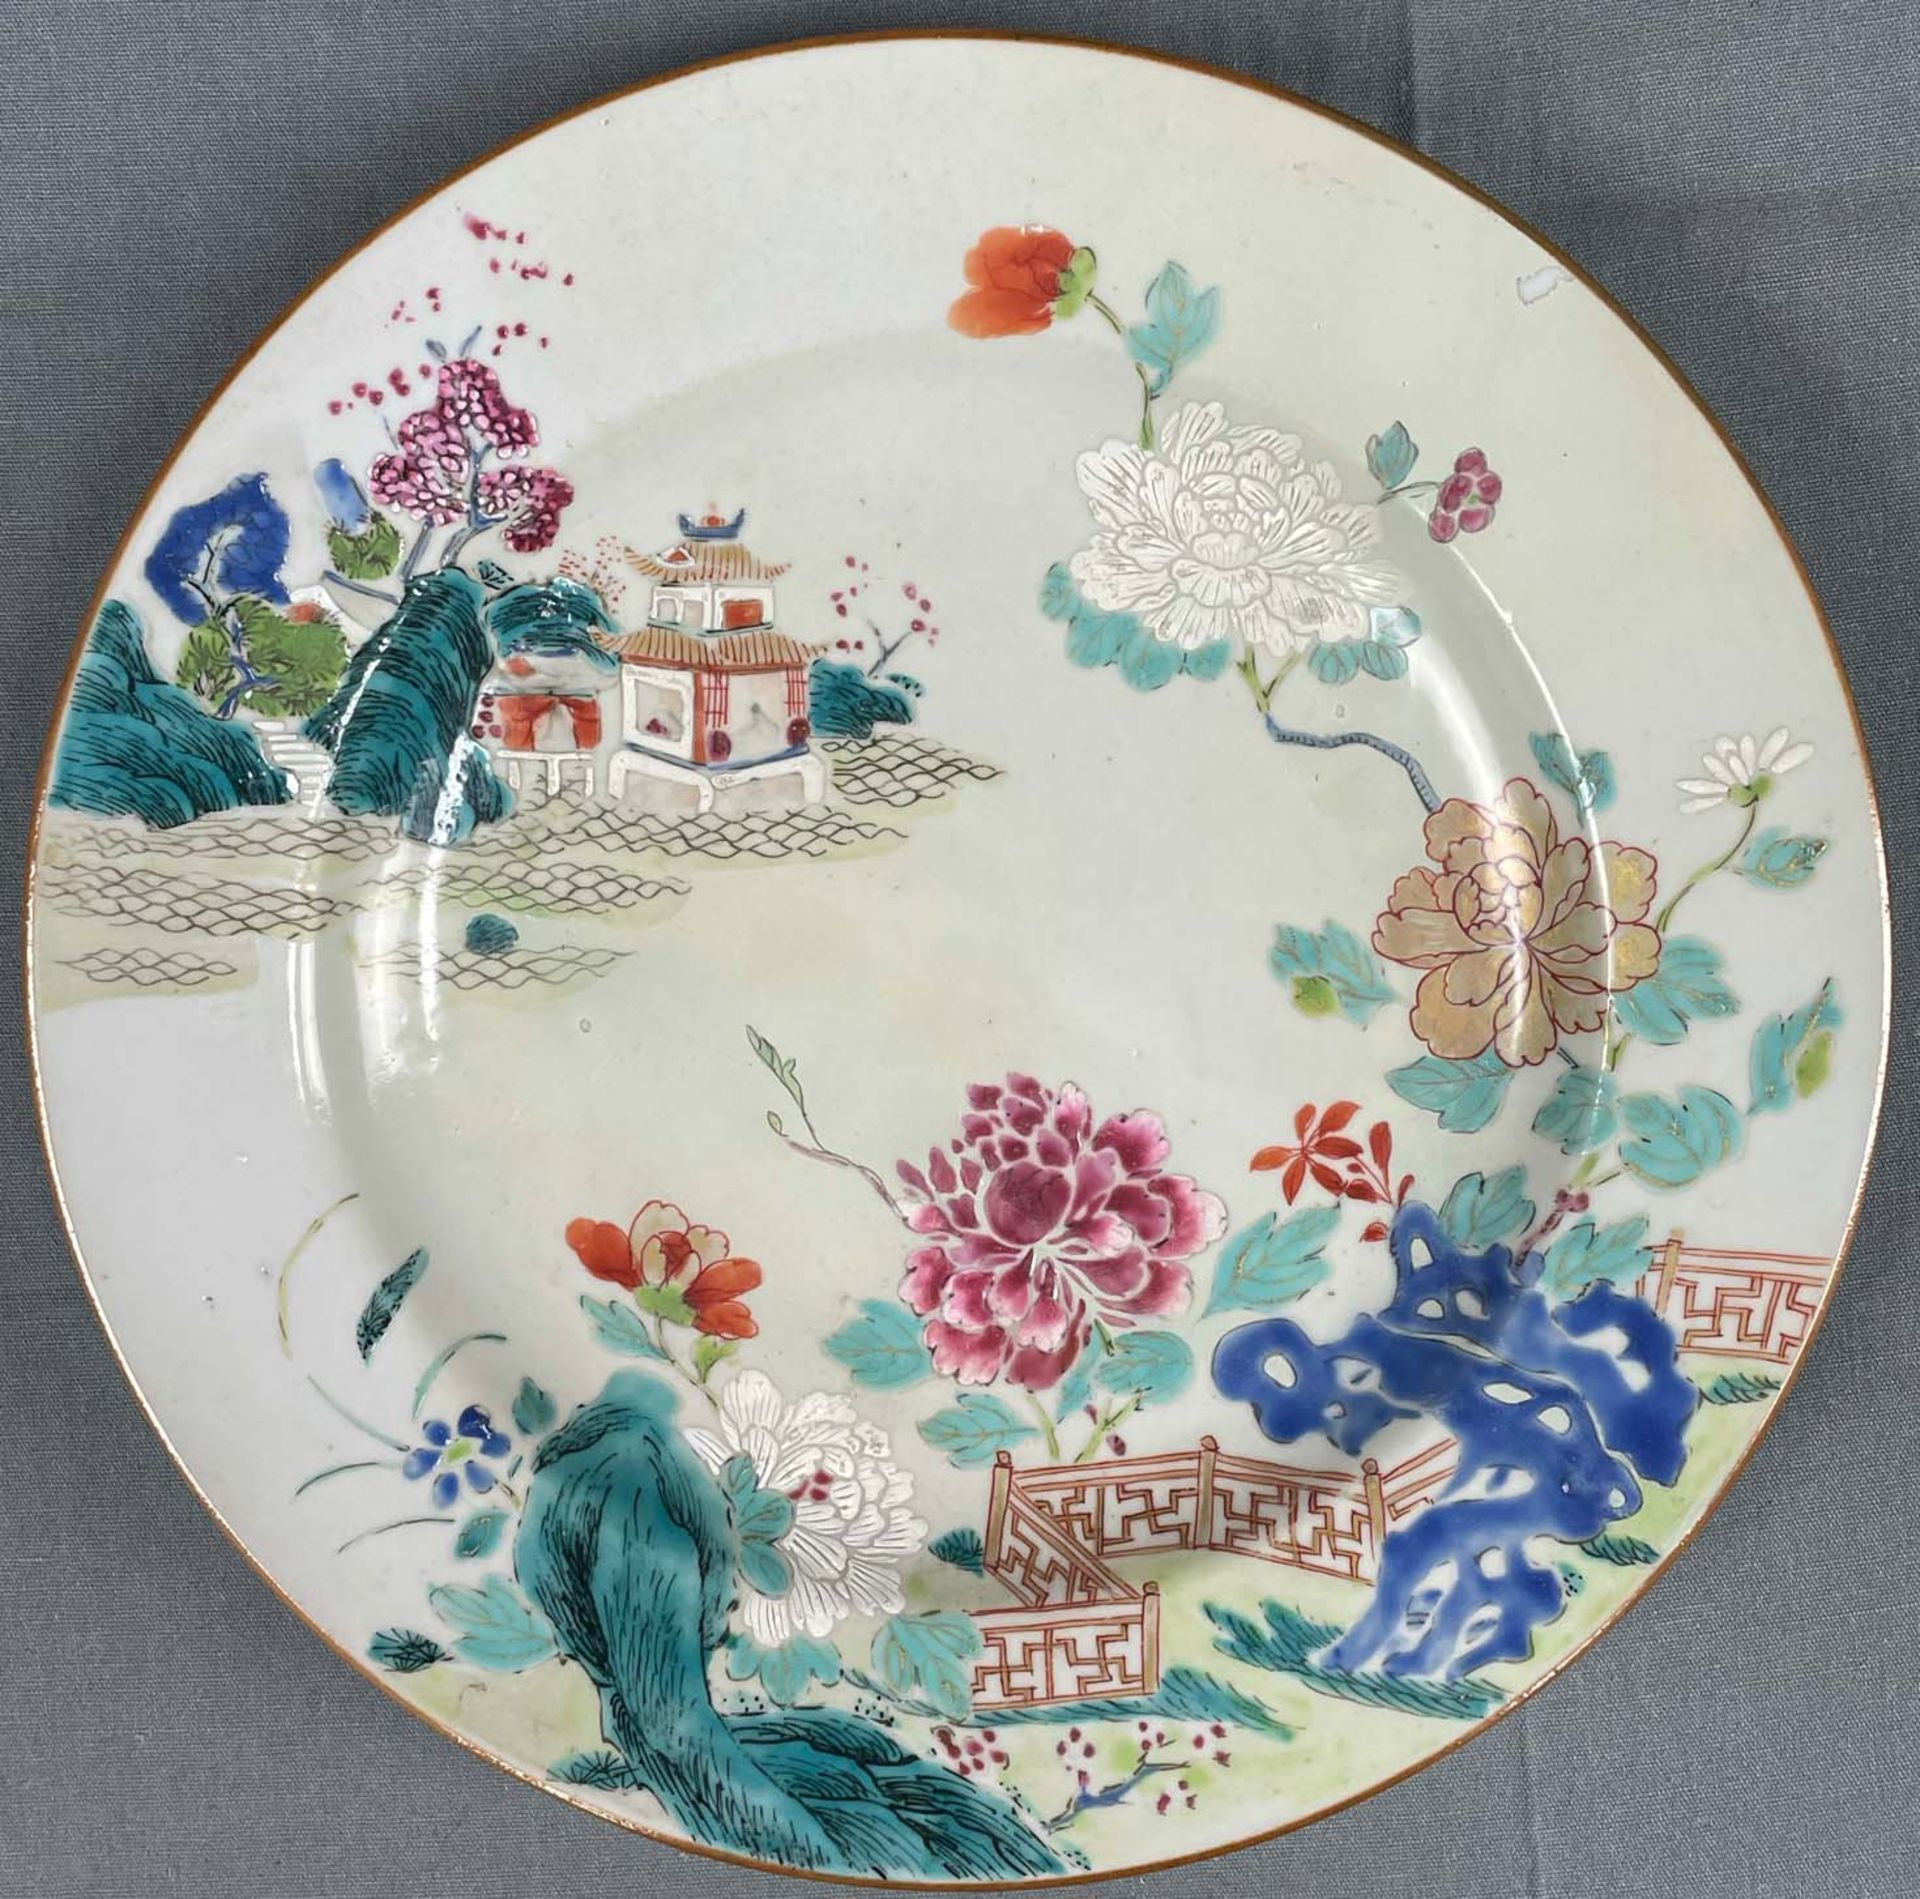 2 Platten. Porzellan. Wohl China antik. - Image 3 of 16